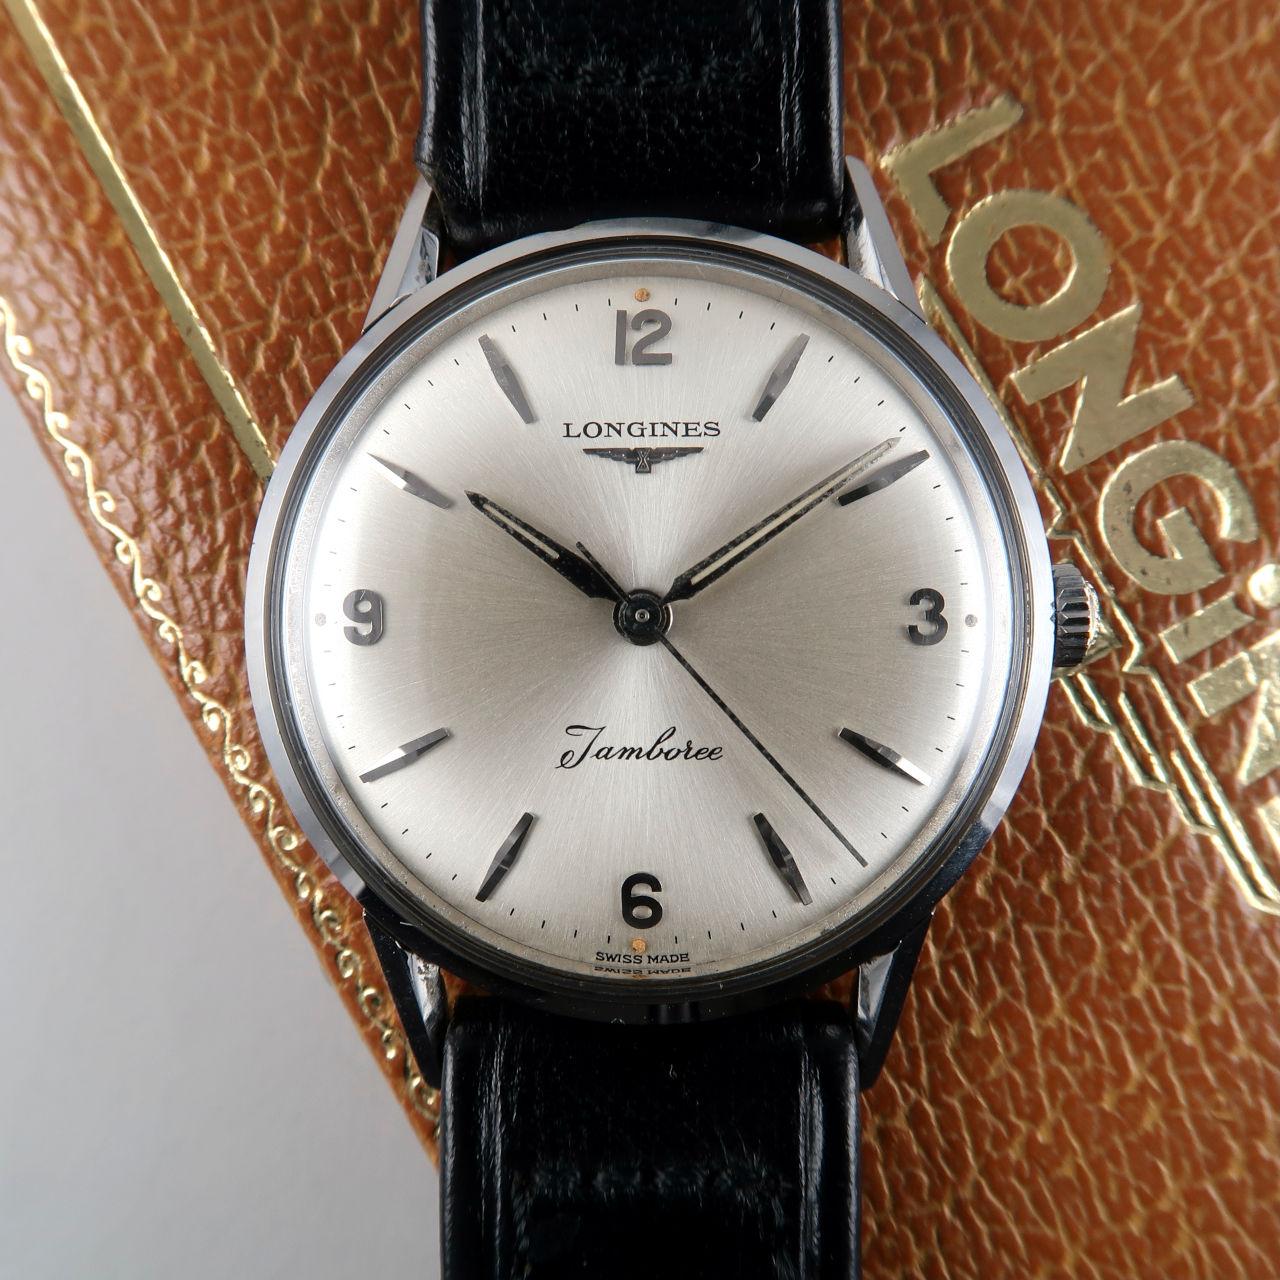 Longines Jamboree Ref. 6884 invoiced 1962